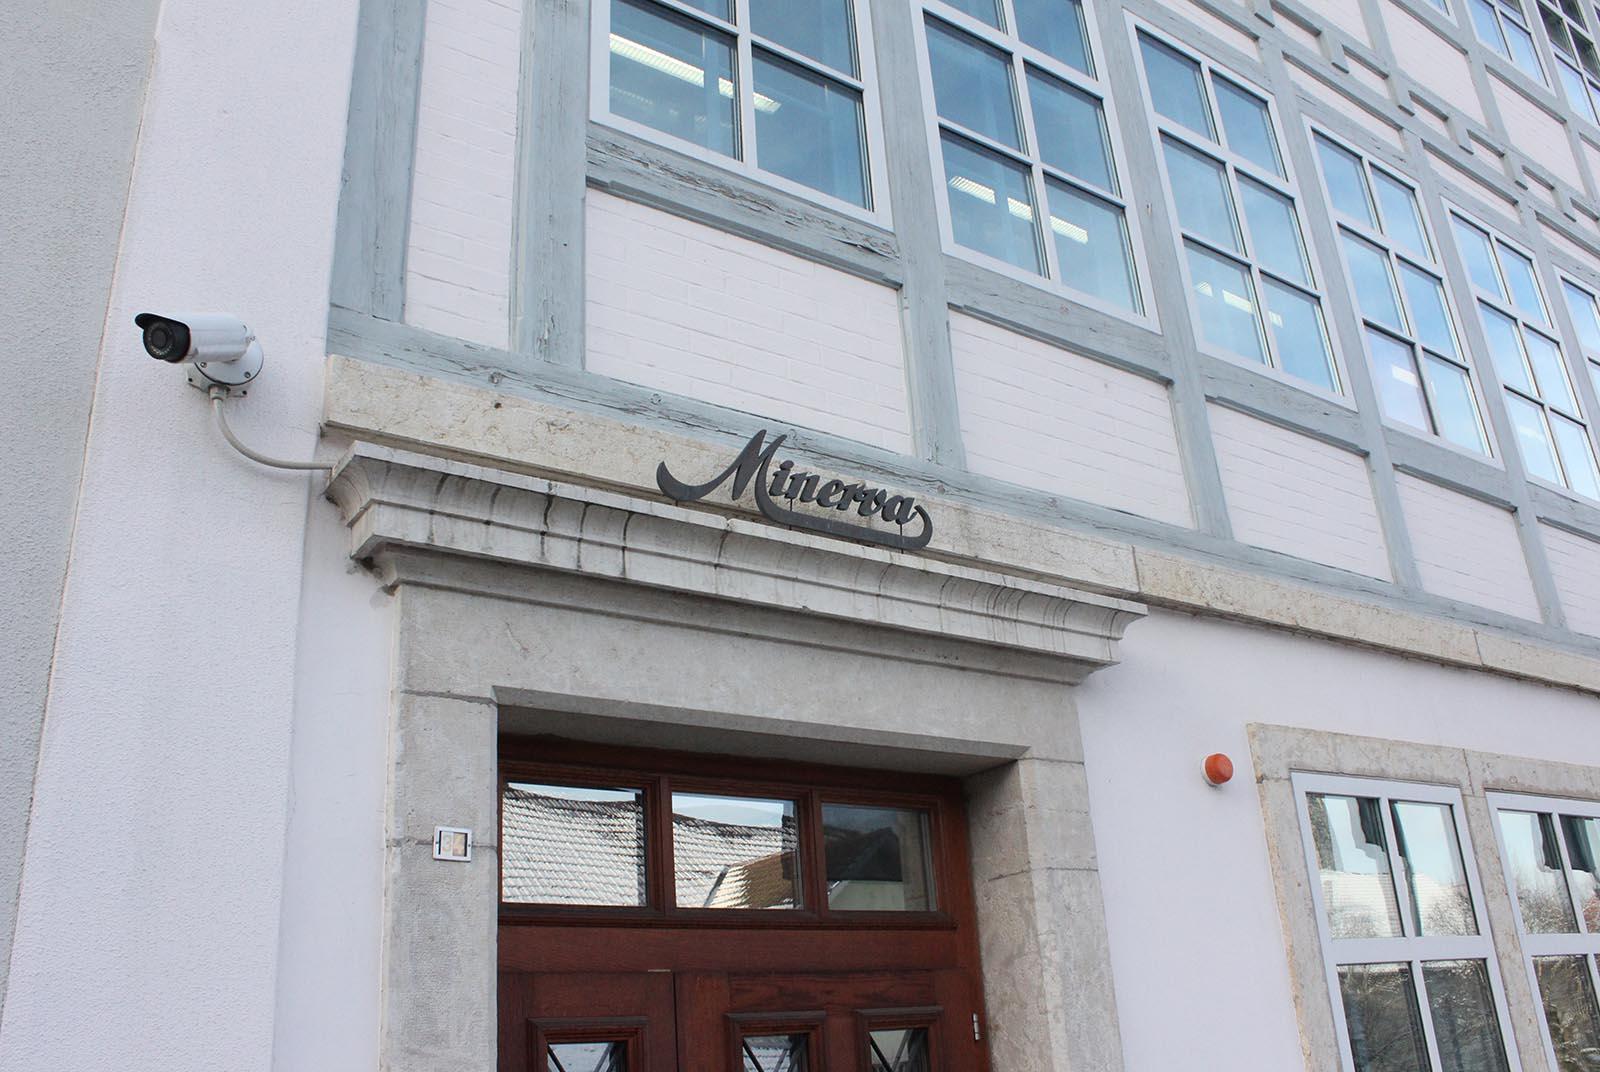 Montblanc Manufacture Minerva 2.7